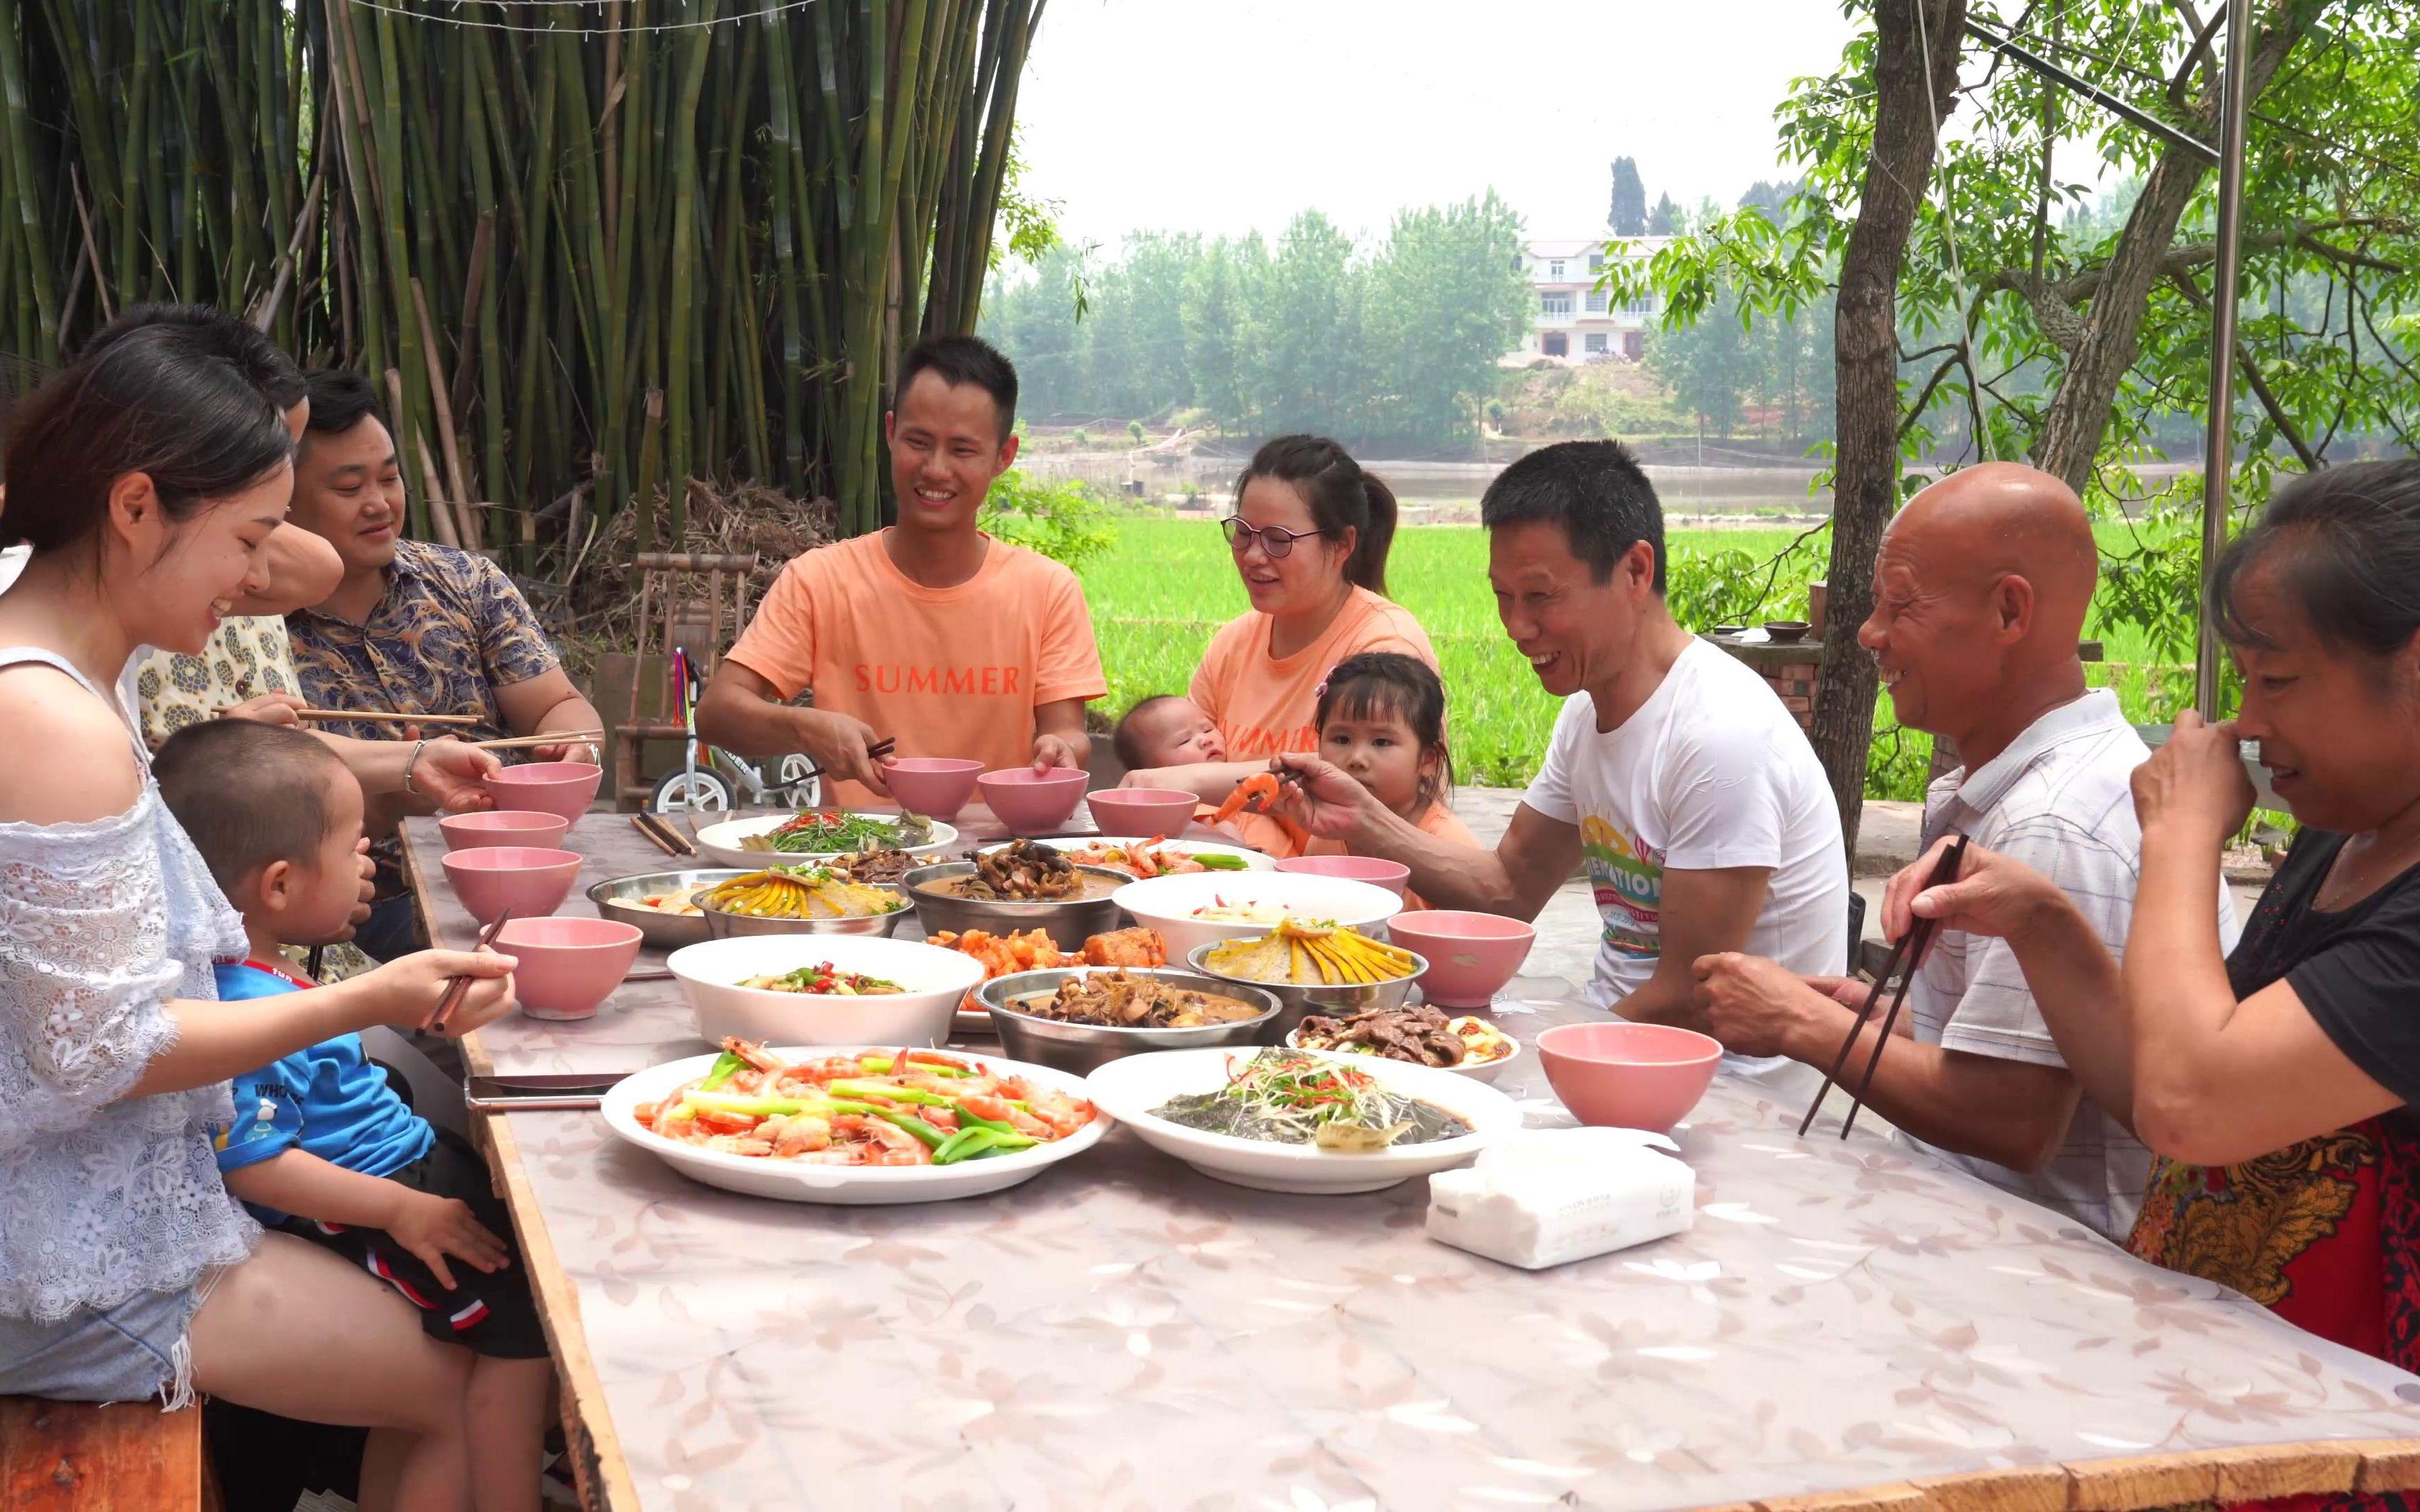 王刚的儿子满百天,一家人围满一桌吃饭庆祝,幸福莫过如此